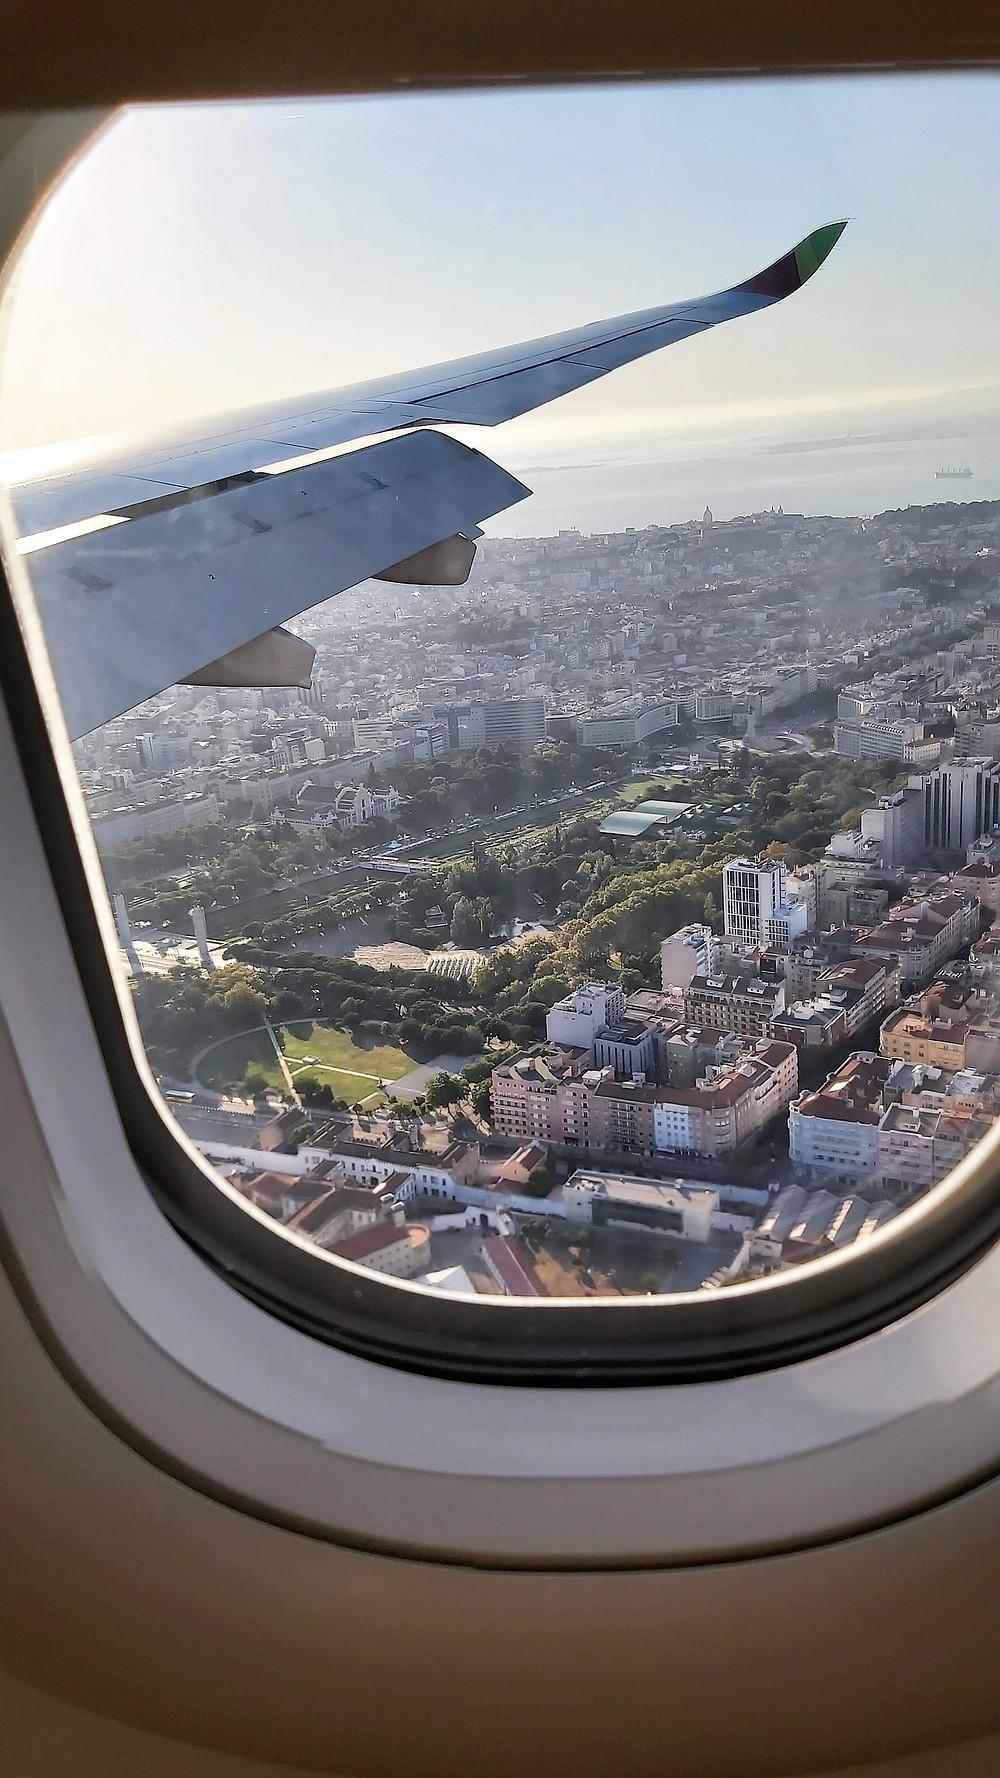 Vista do avião da cidade de Lisboa, Portugal